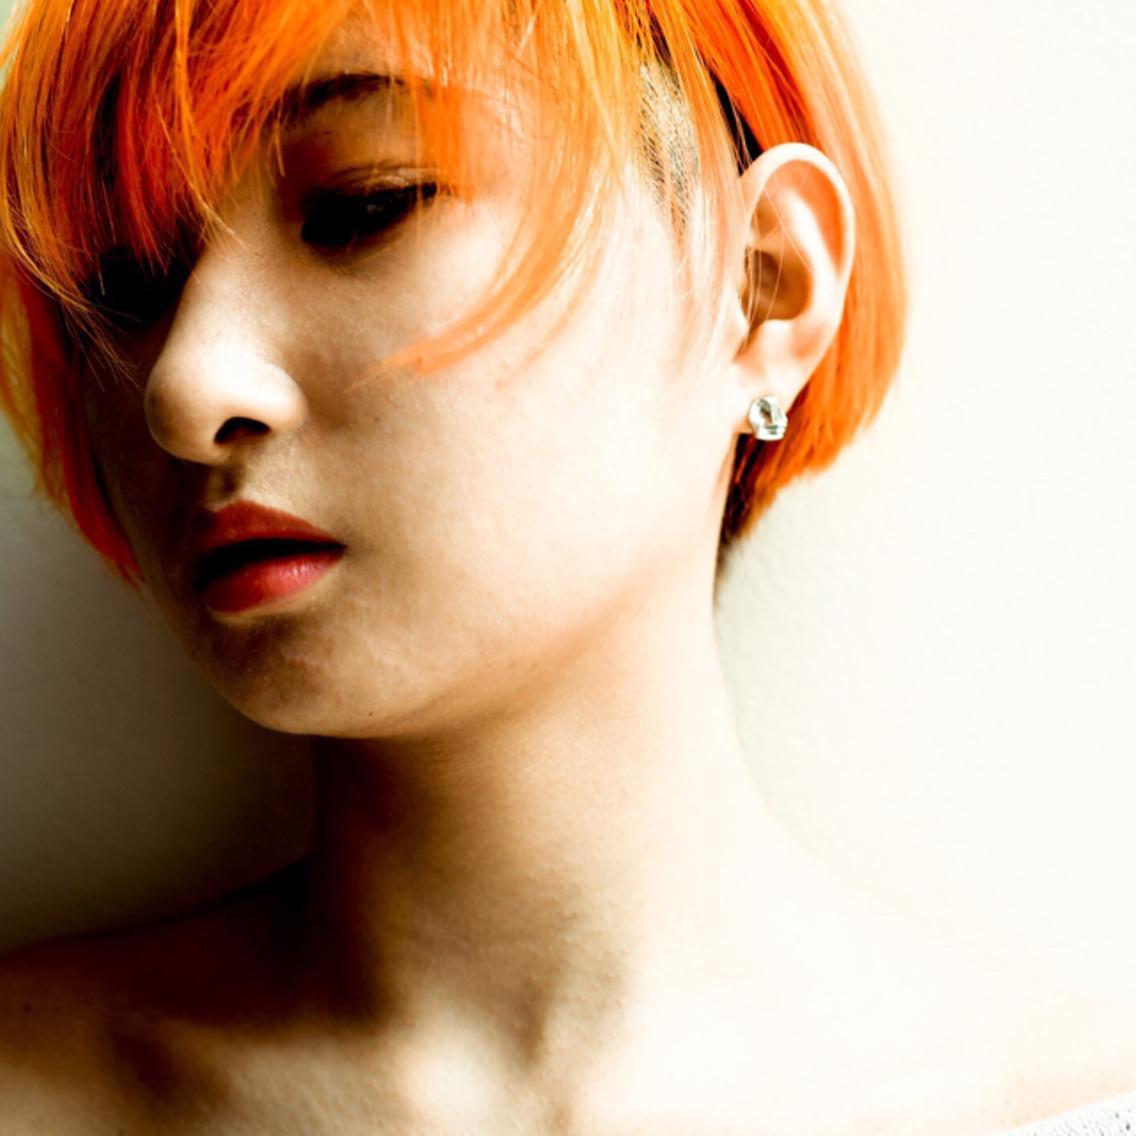 【京都上桂hair  snip】撮影モデルさん&各技術のモデルさん絶賛大募集中‼︎